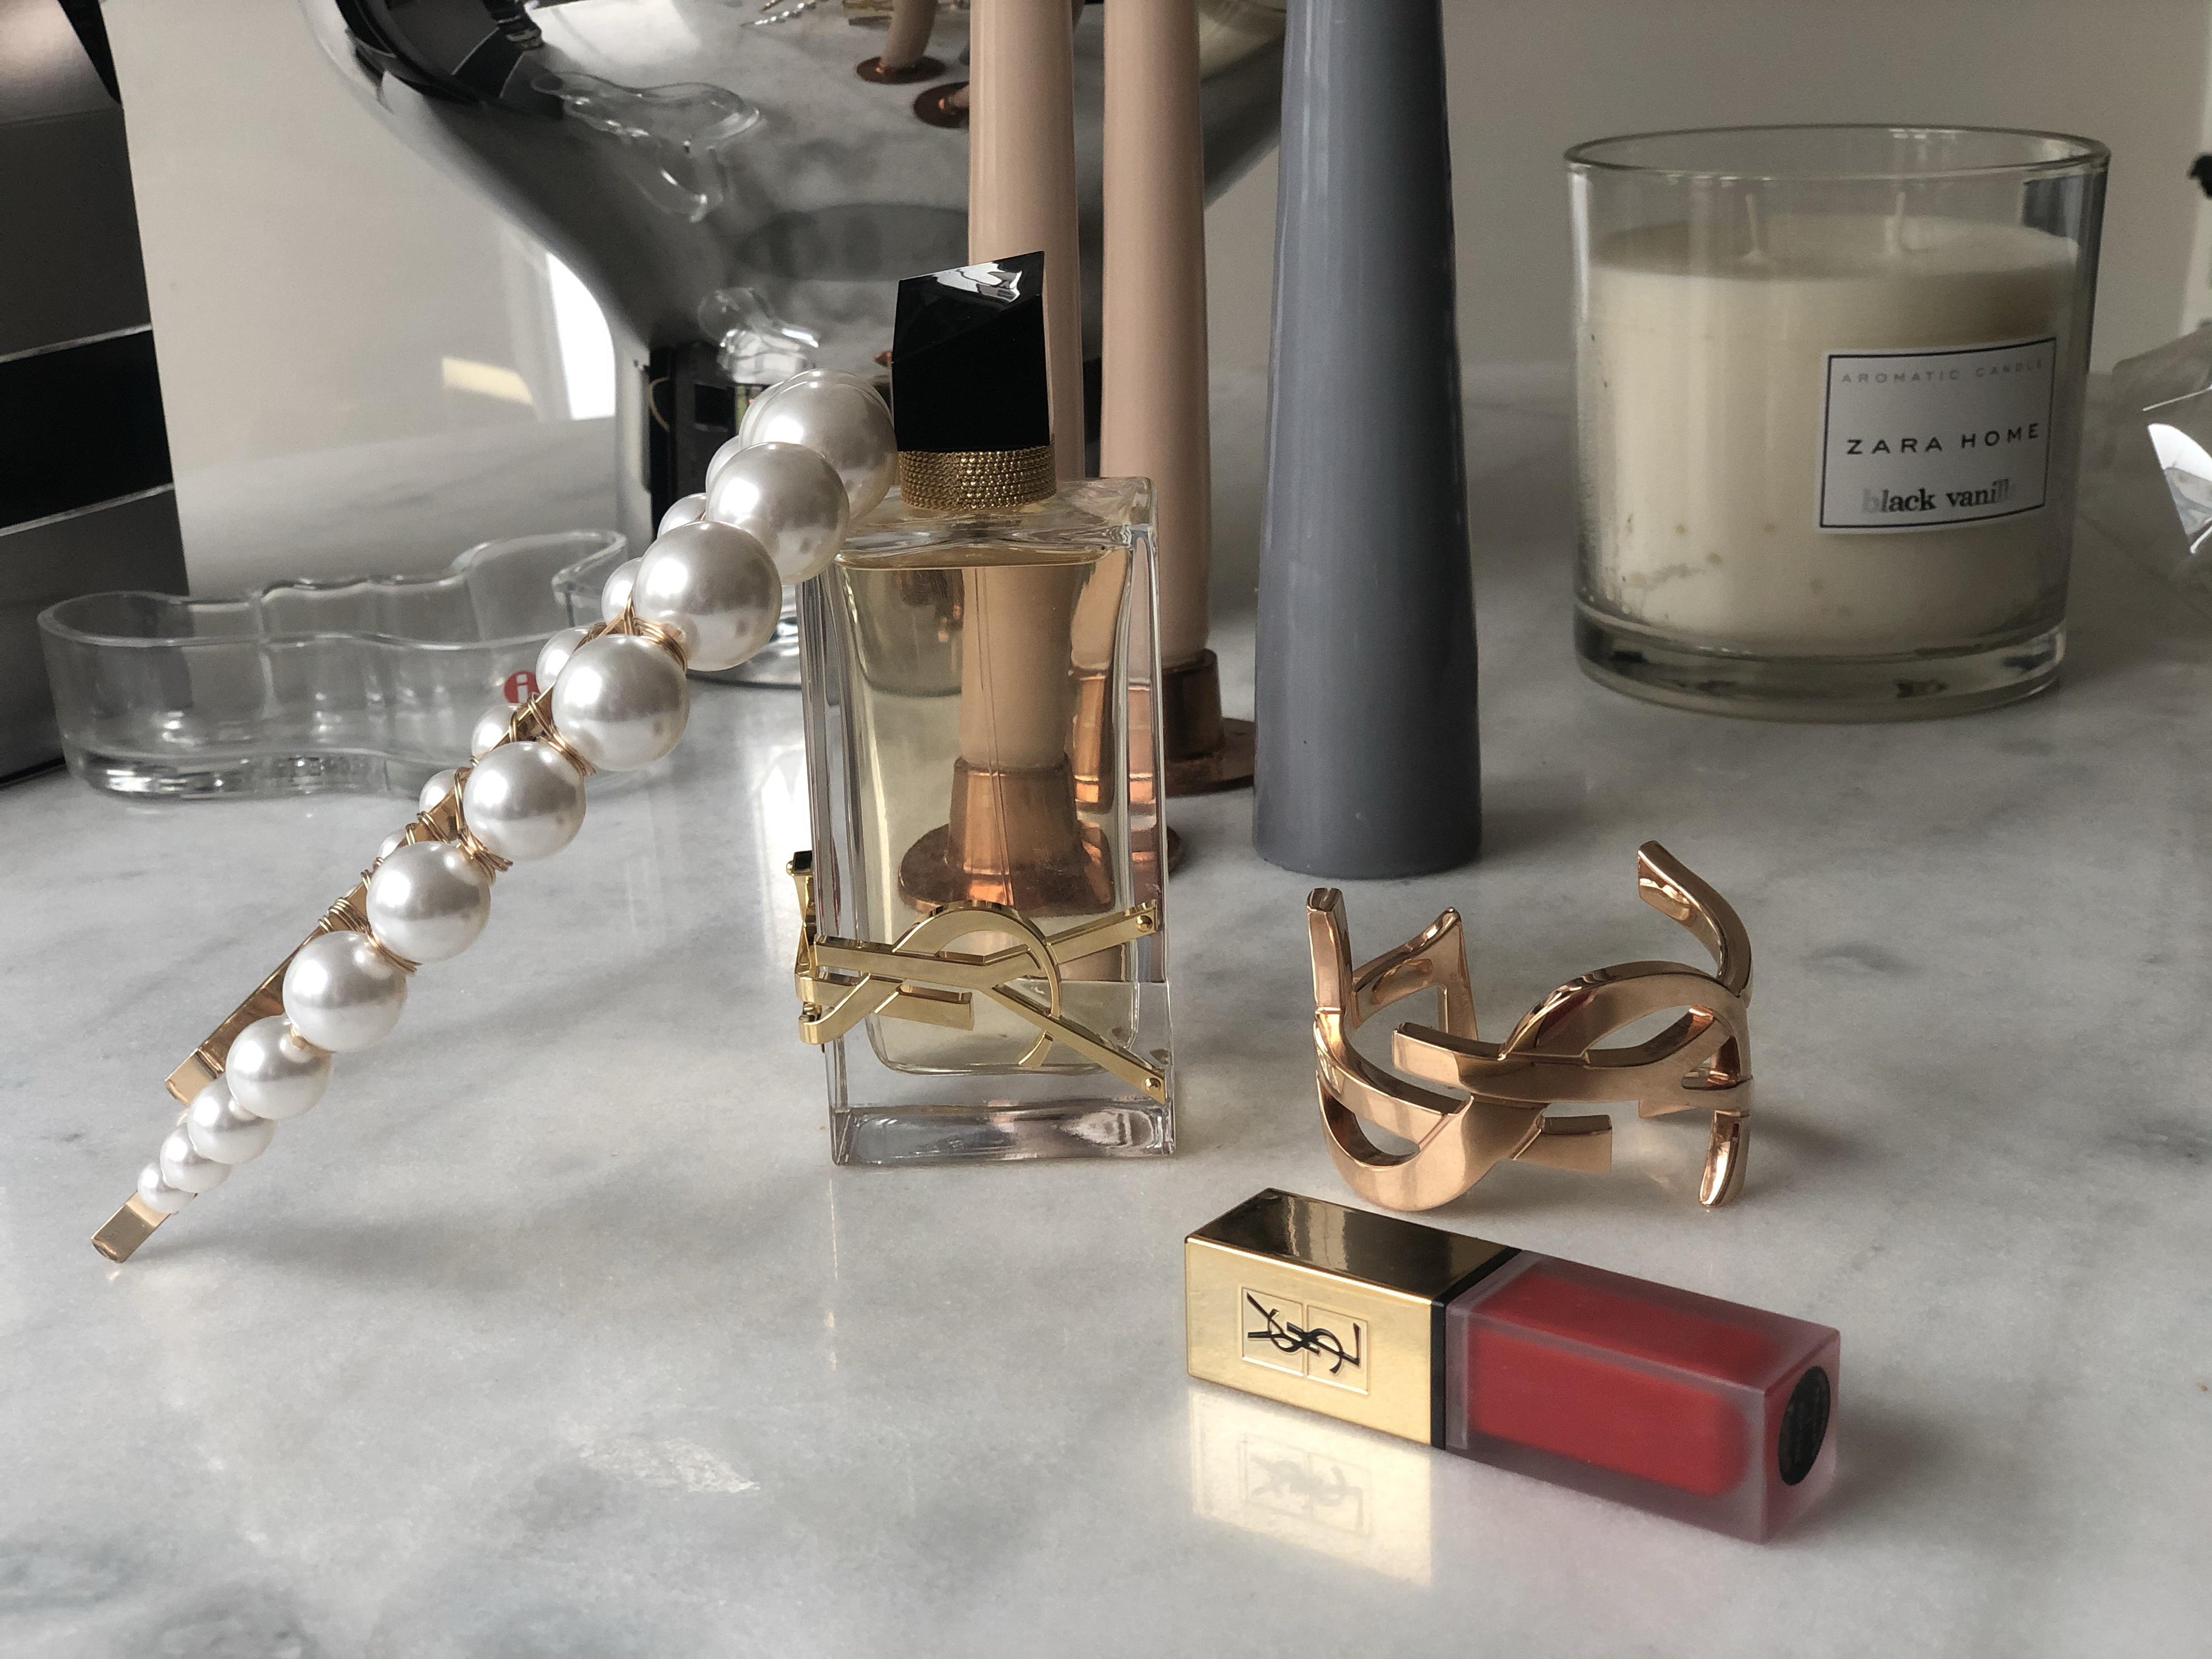 YSL Libre parfym - underbar doft